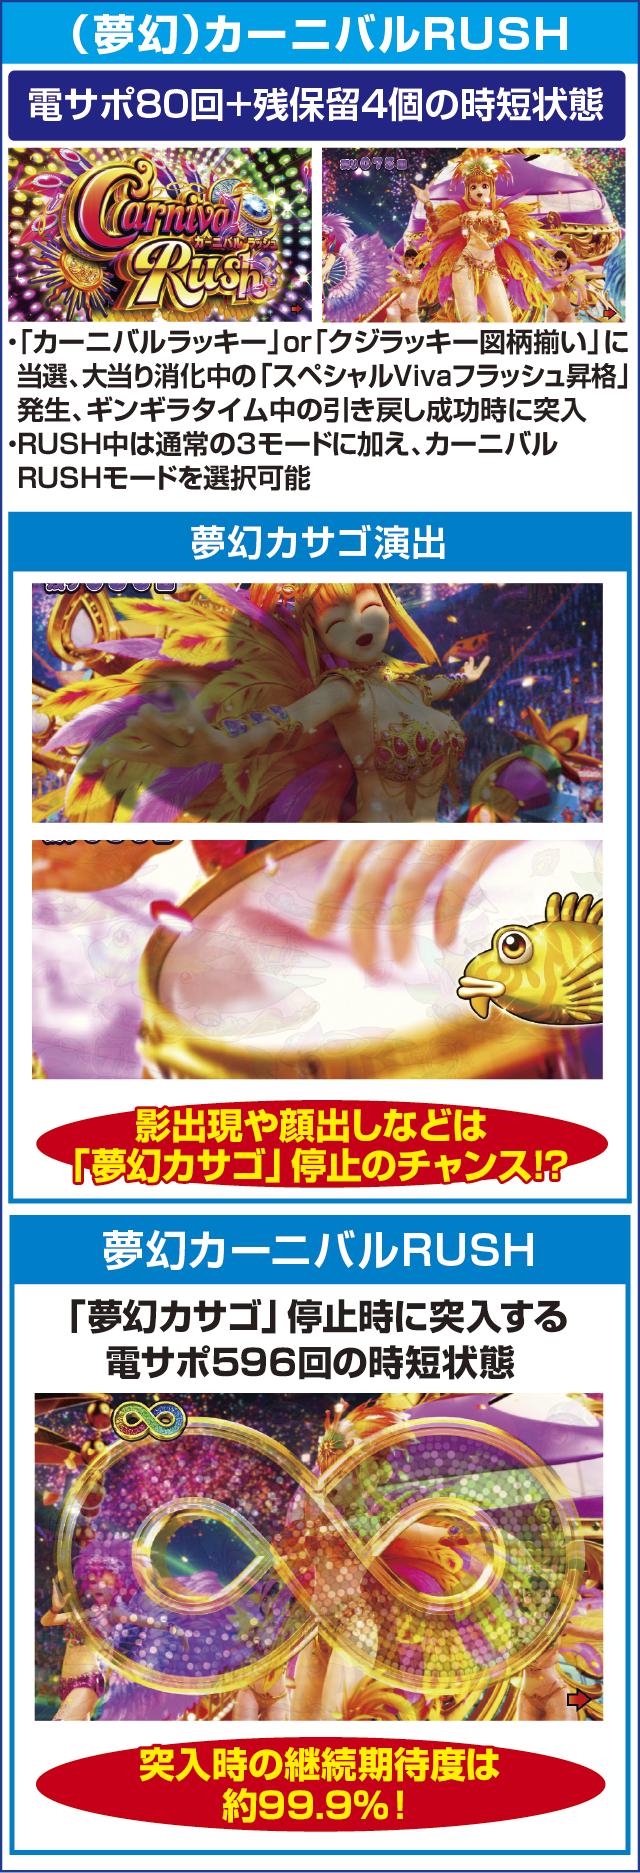 Pギンギラパラダイス 夢幻カーニバルHCAのピックアップポイント